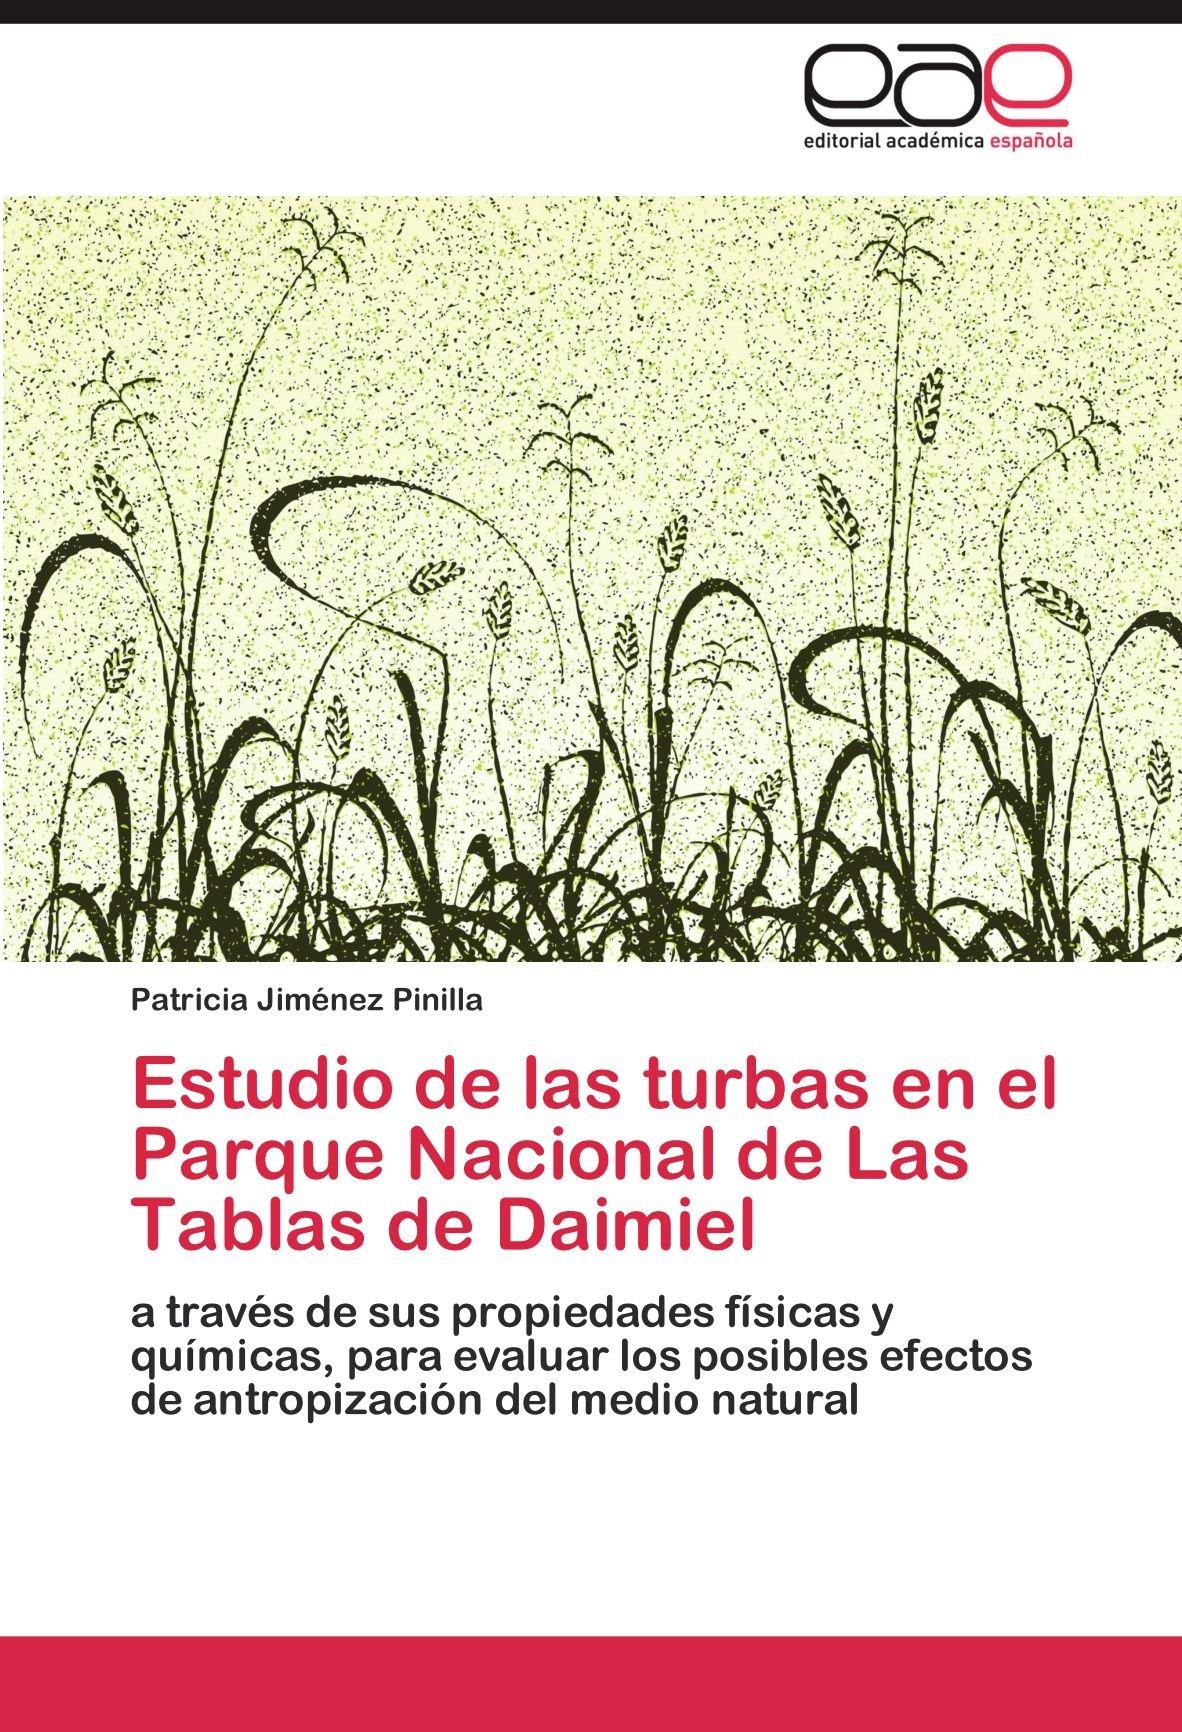 Estudio de las turbas en el Parque Nacional de Las Tablas de Daimiel: Amazon.es: Jiménez Pinilla Patricia: Libros